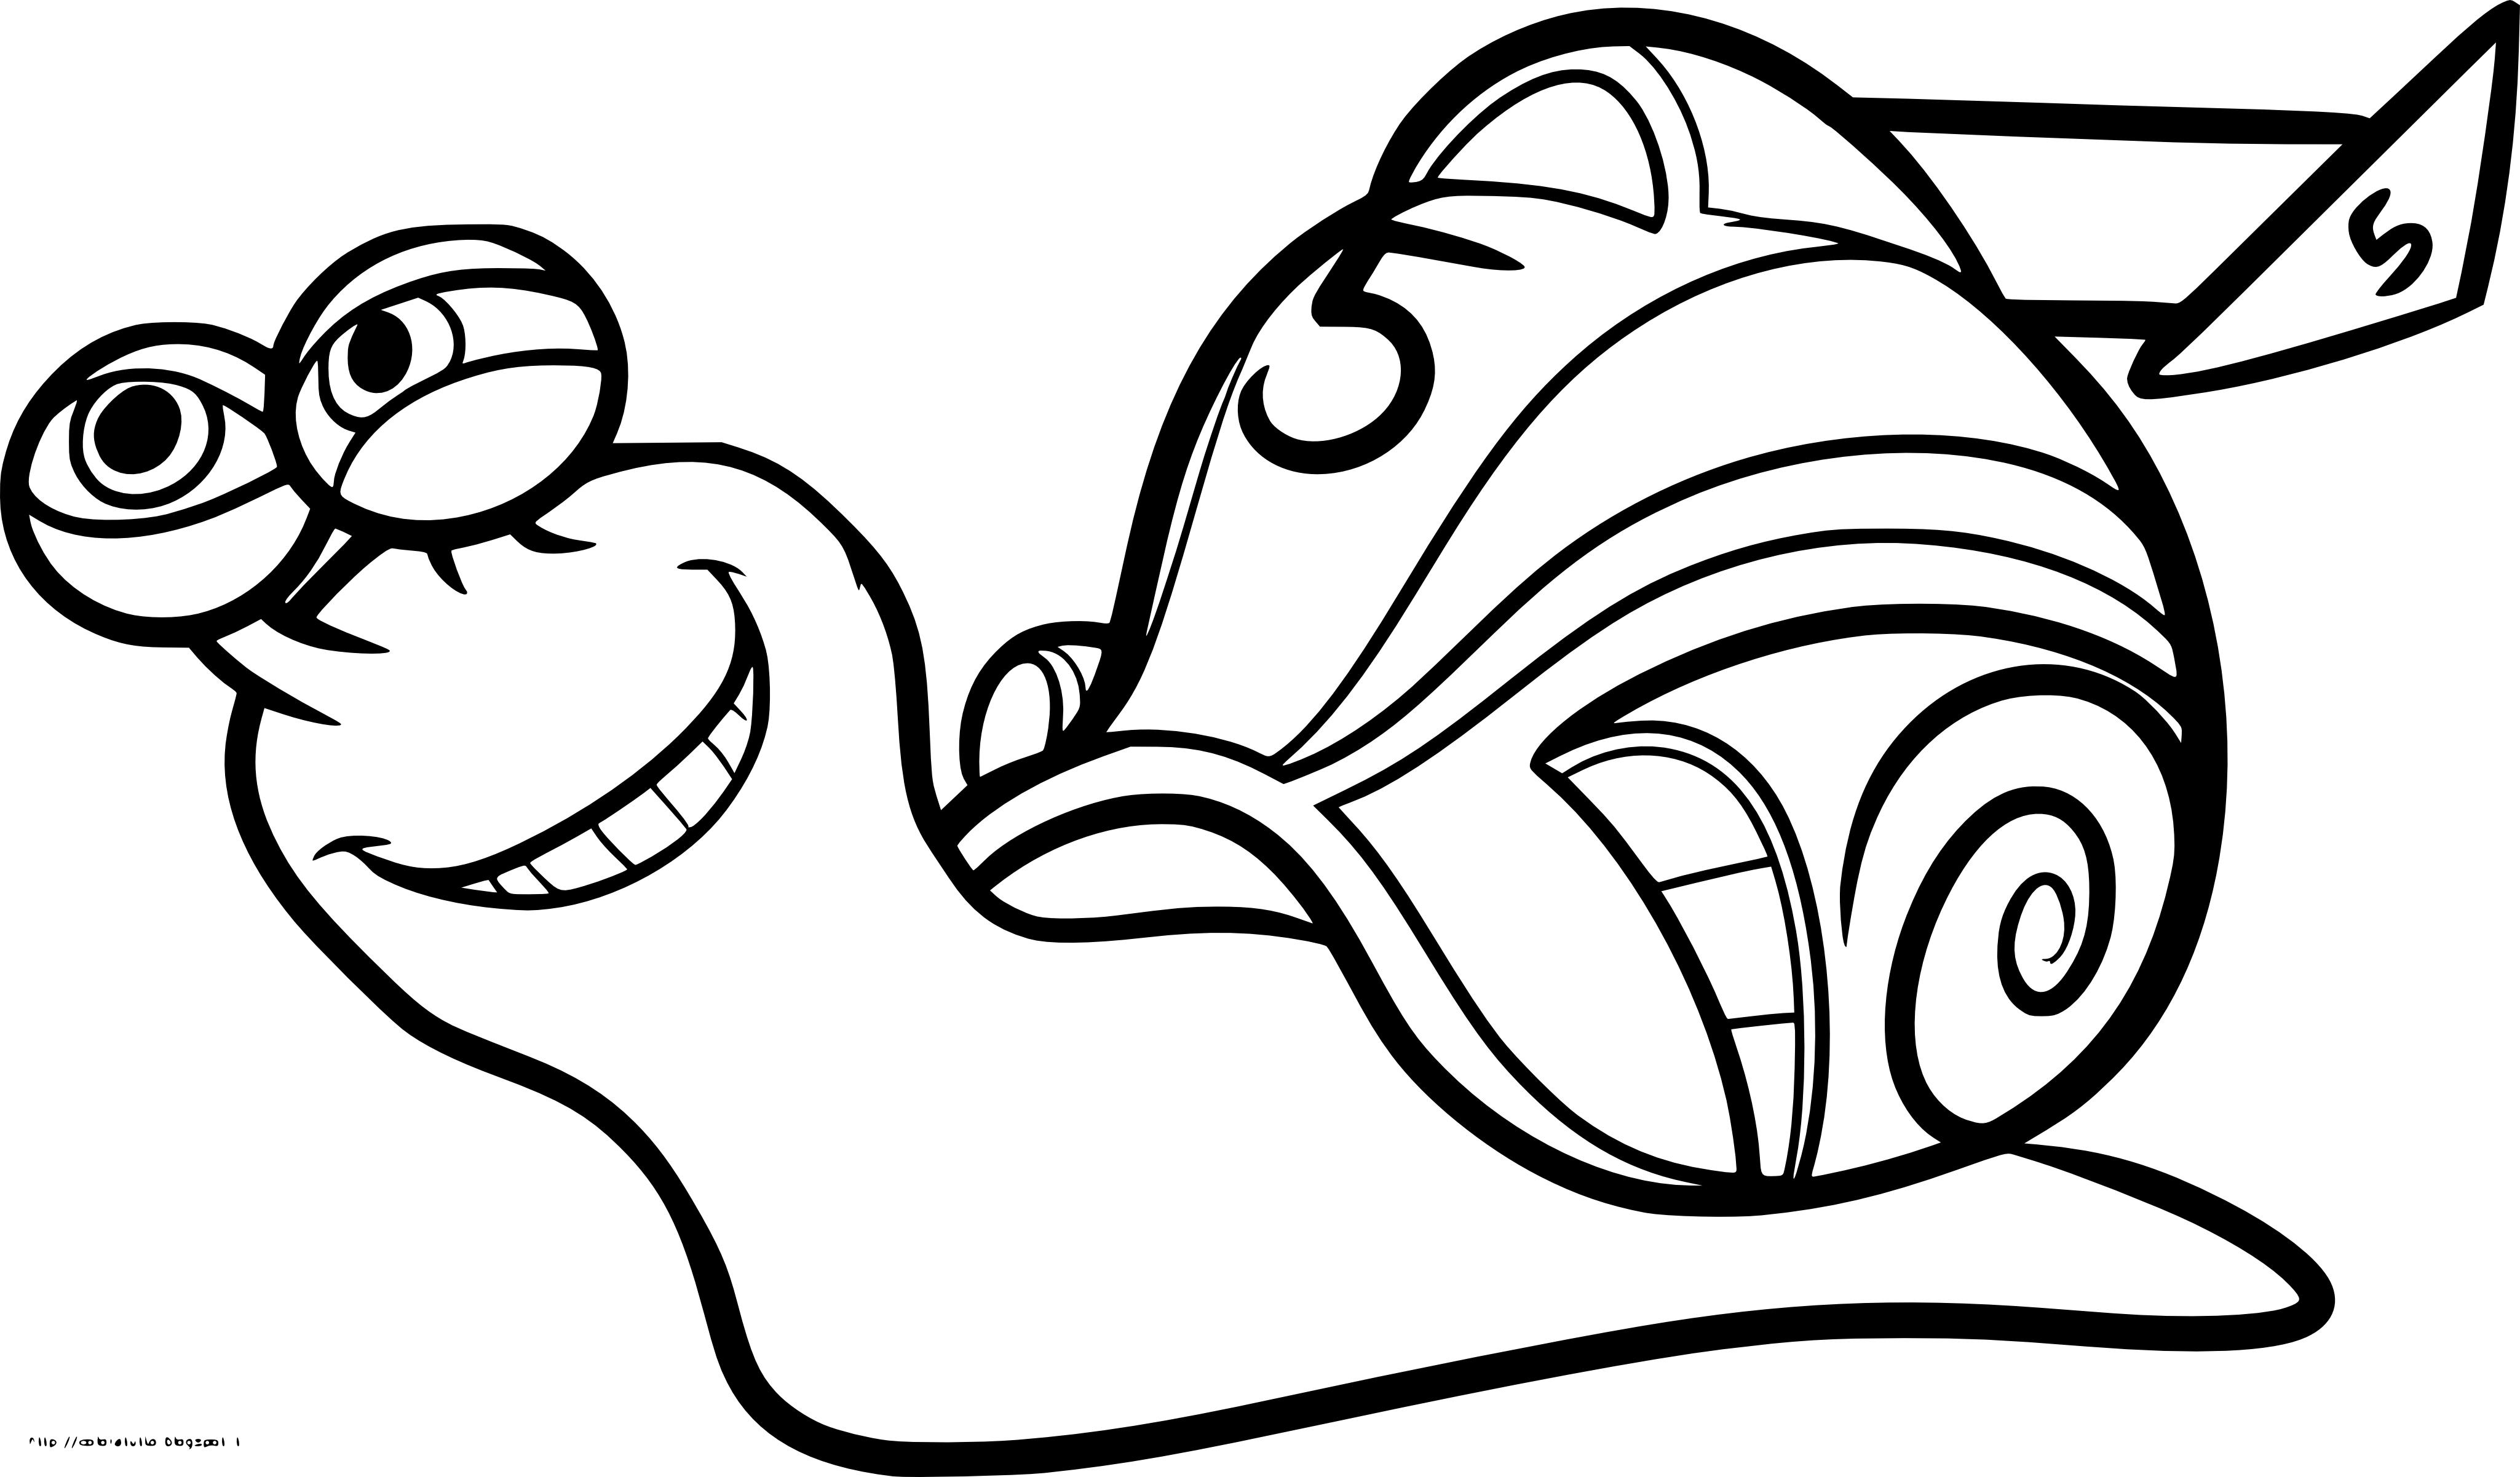 Coloriage Turbo l'escargot à imprimer et colorier